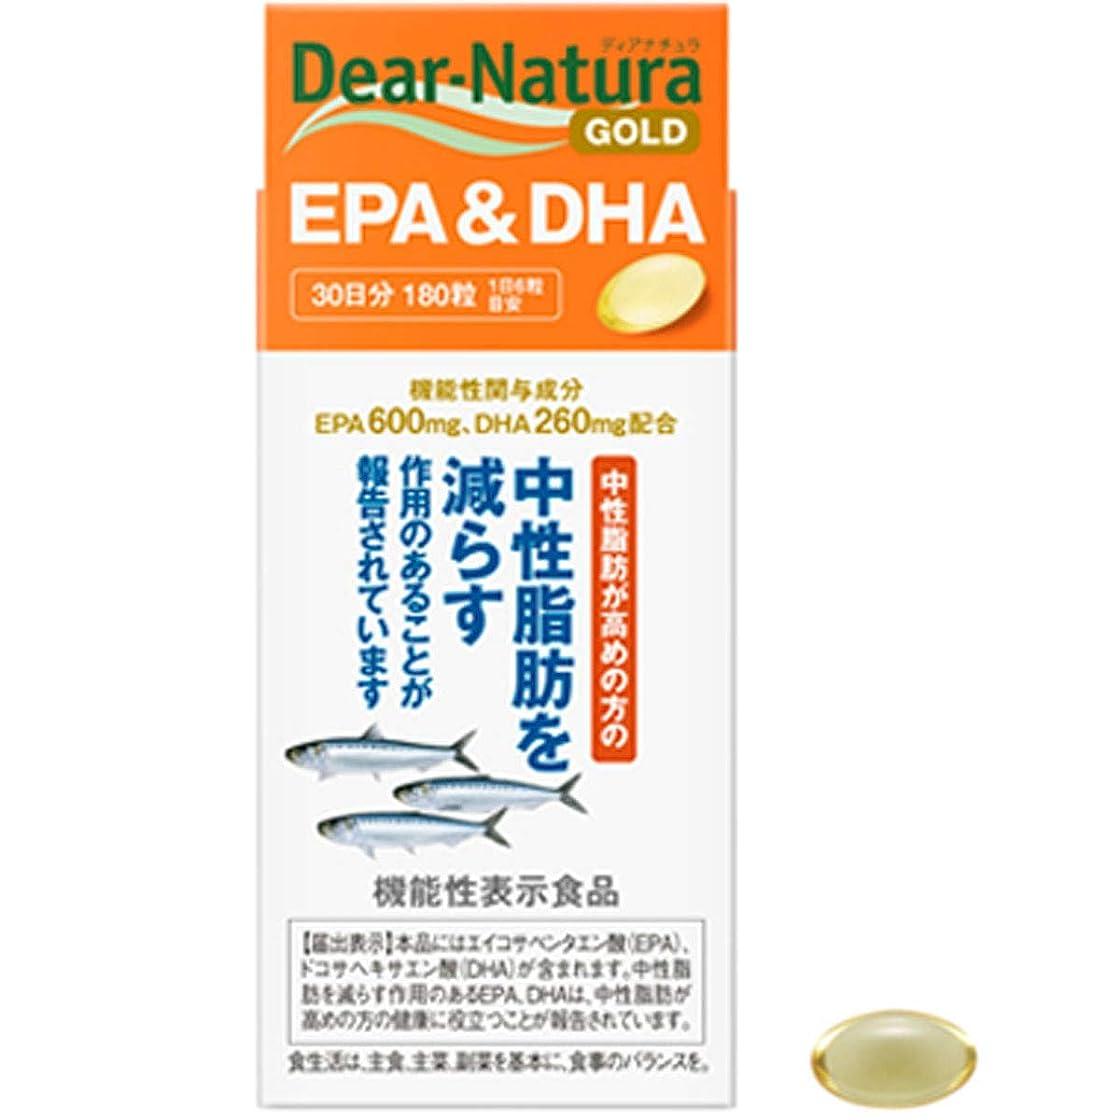 デジタル僕の上記の頭と肩ディアナチュラゴールド EPA&DHA 30日分 180粒入×5個セット